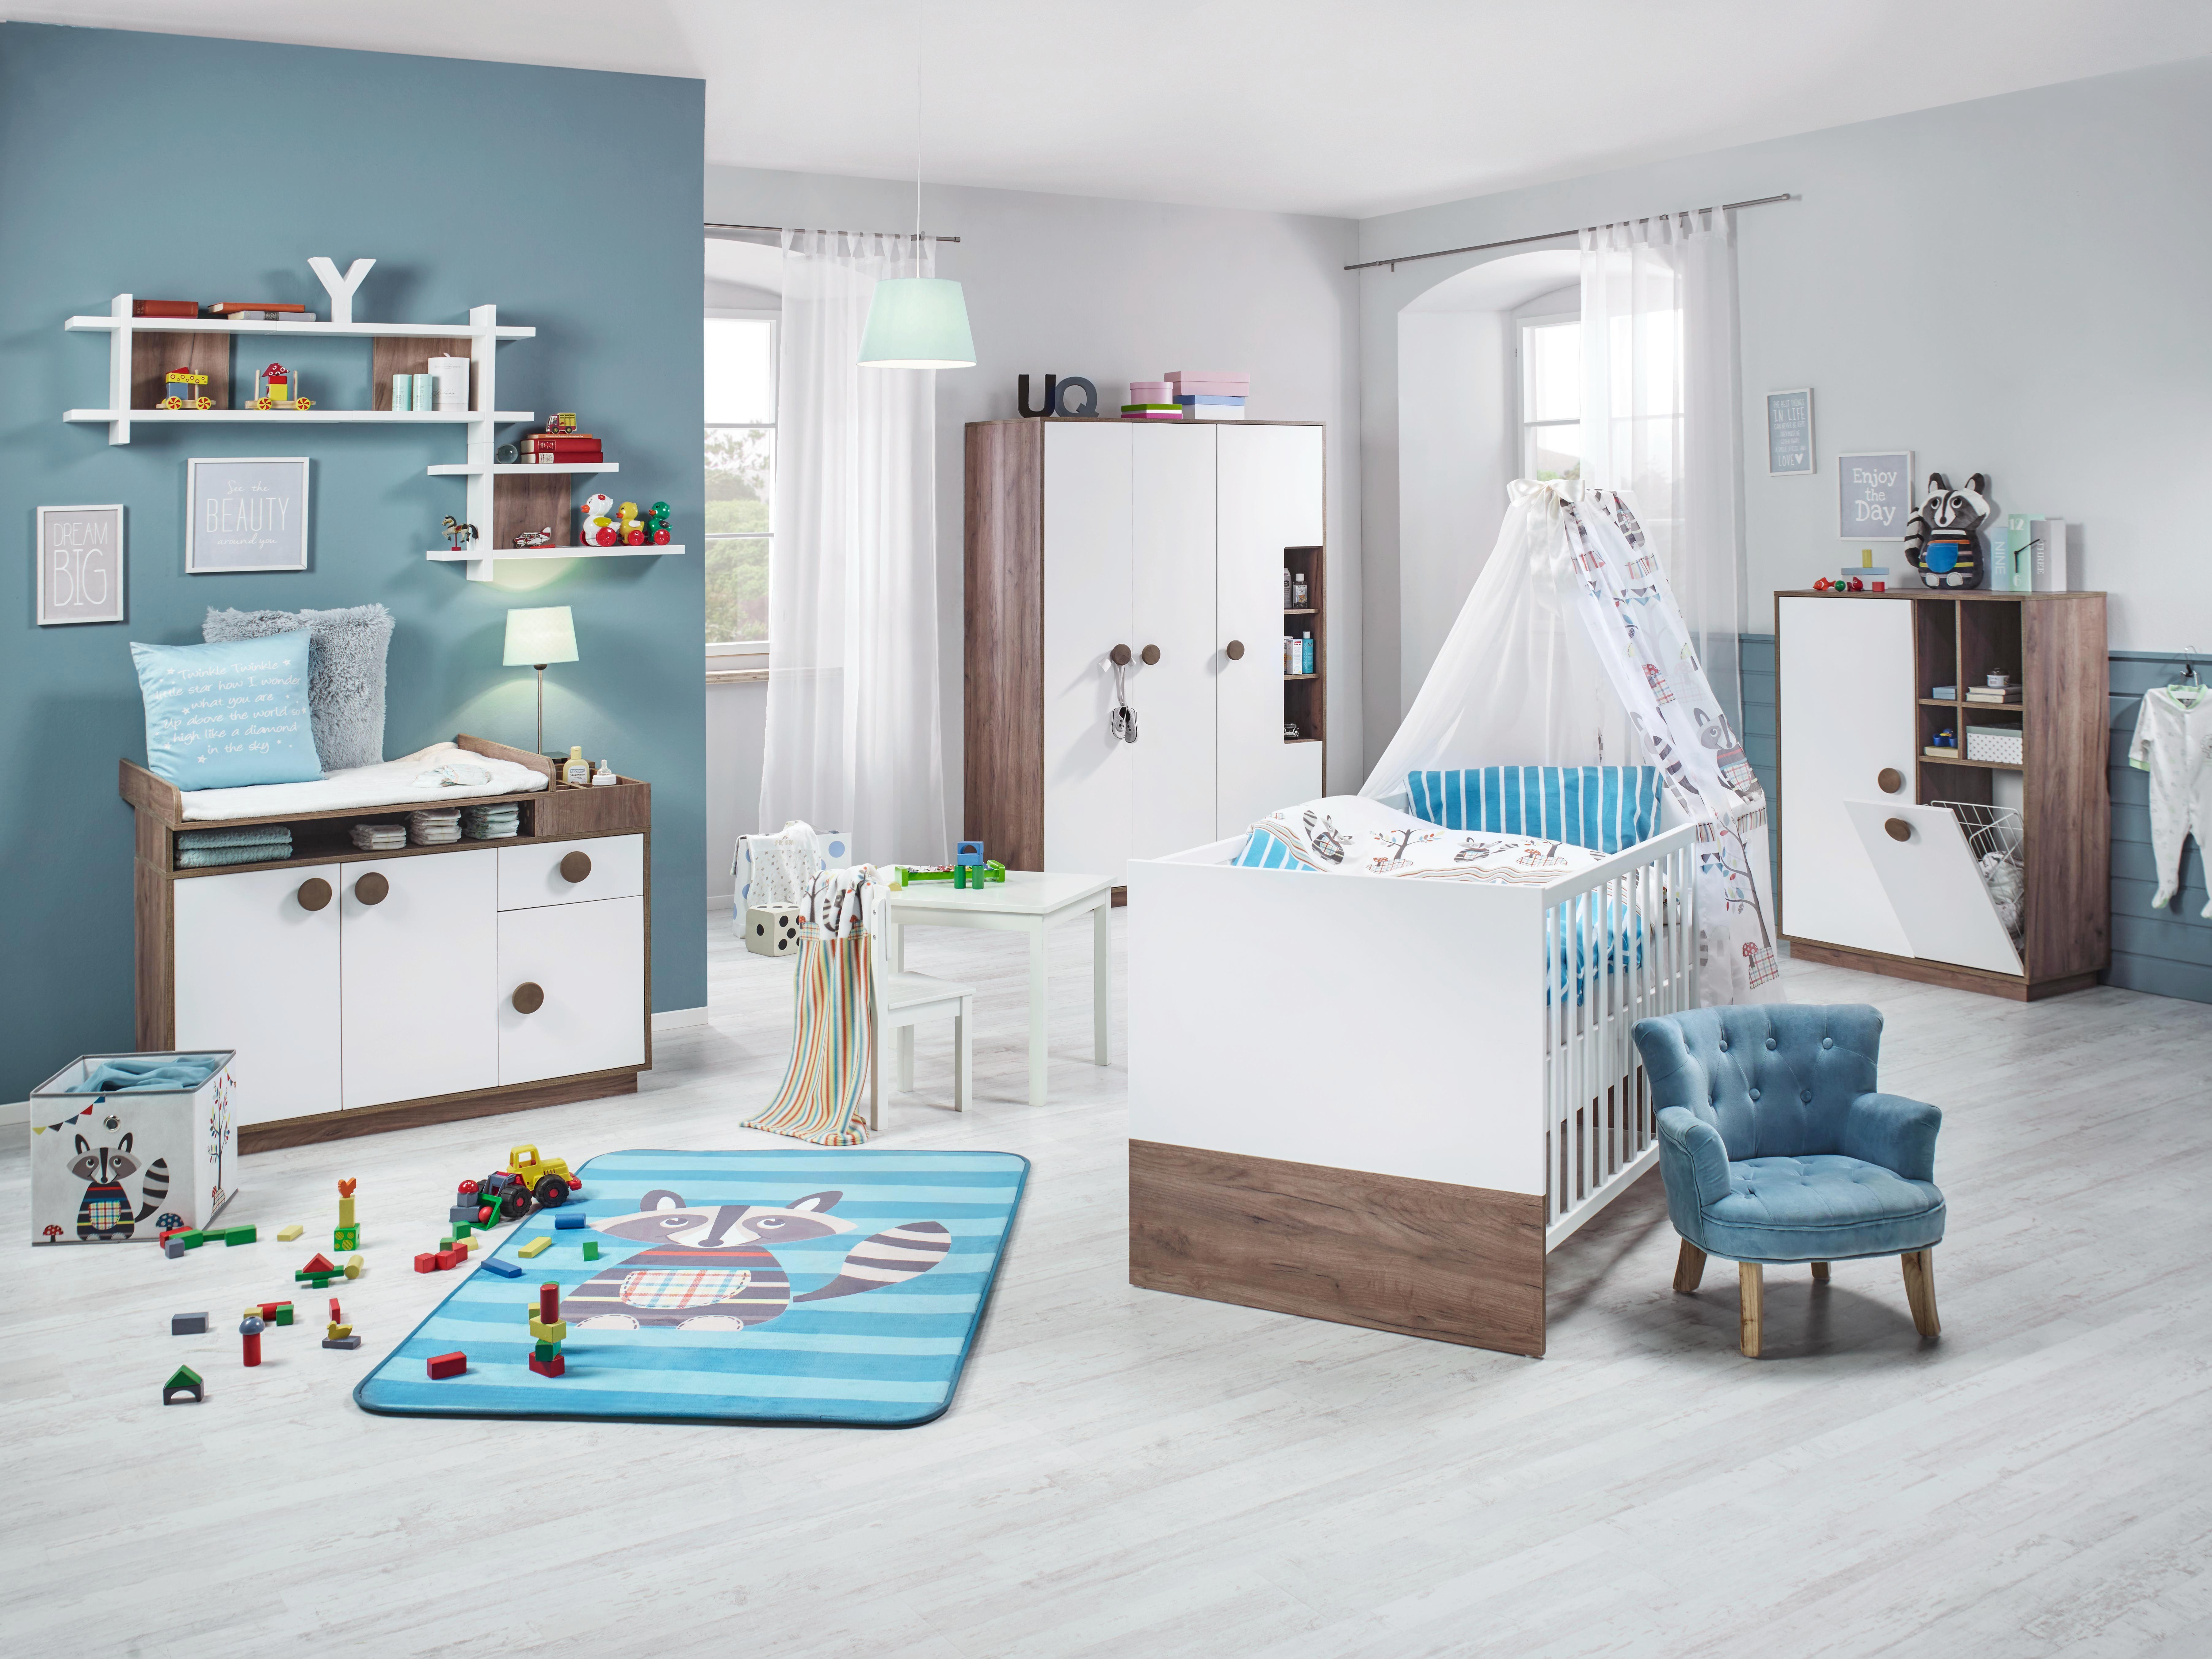 Kinderzimmermöbel - Kinder- & Jugendzimmer - Produkte | mömax